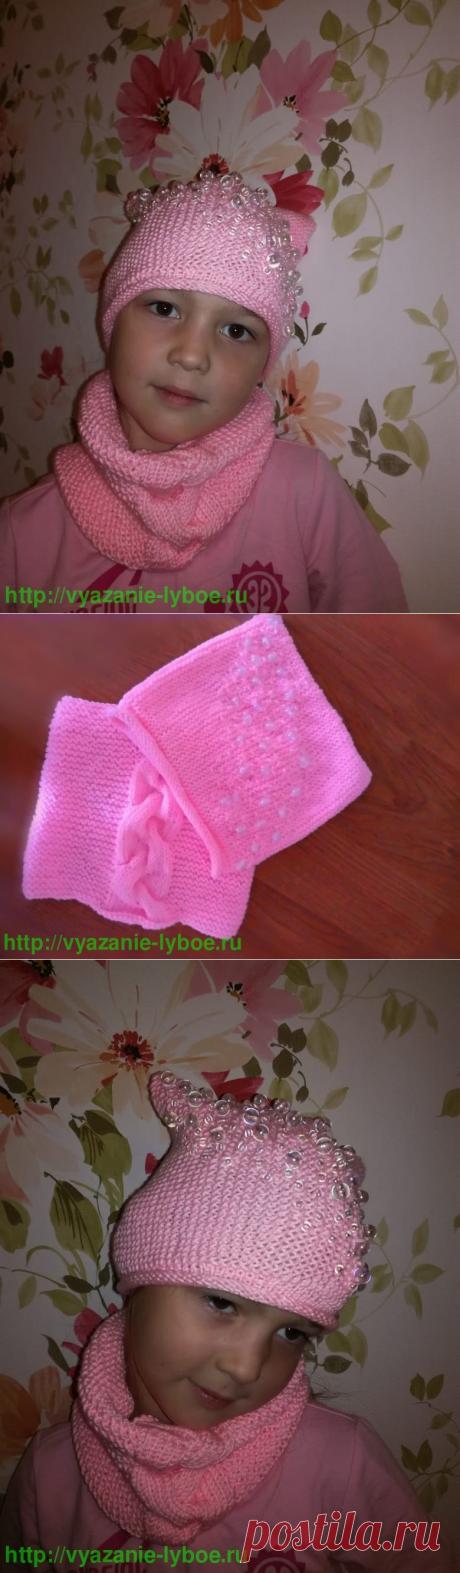 Комплект: шапочка и снуд. | Шапки, береты, повязки на голову